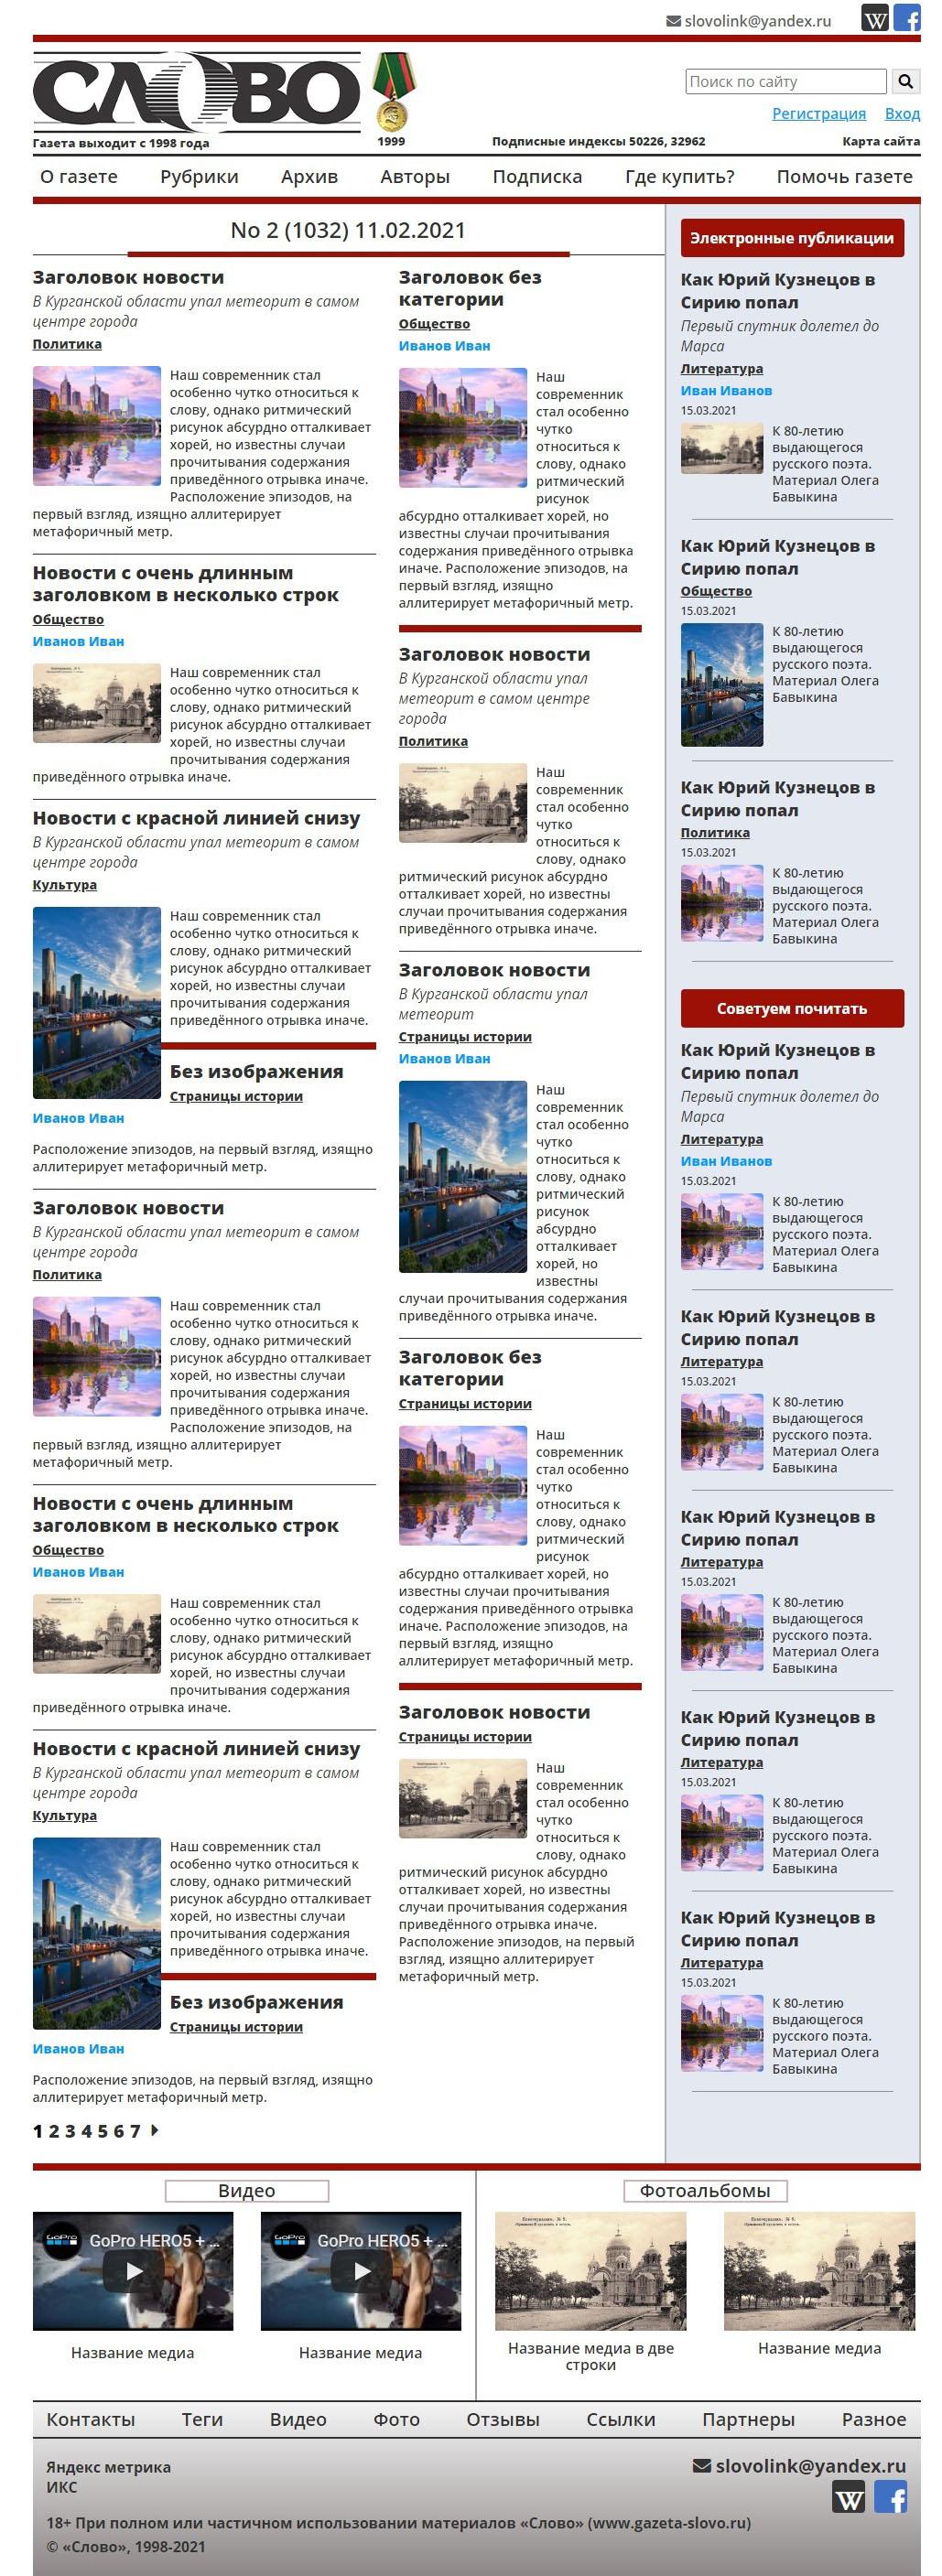 """Верстка сайта газеты """"Слово"""""""